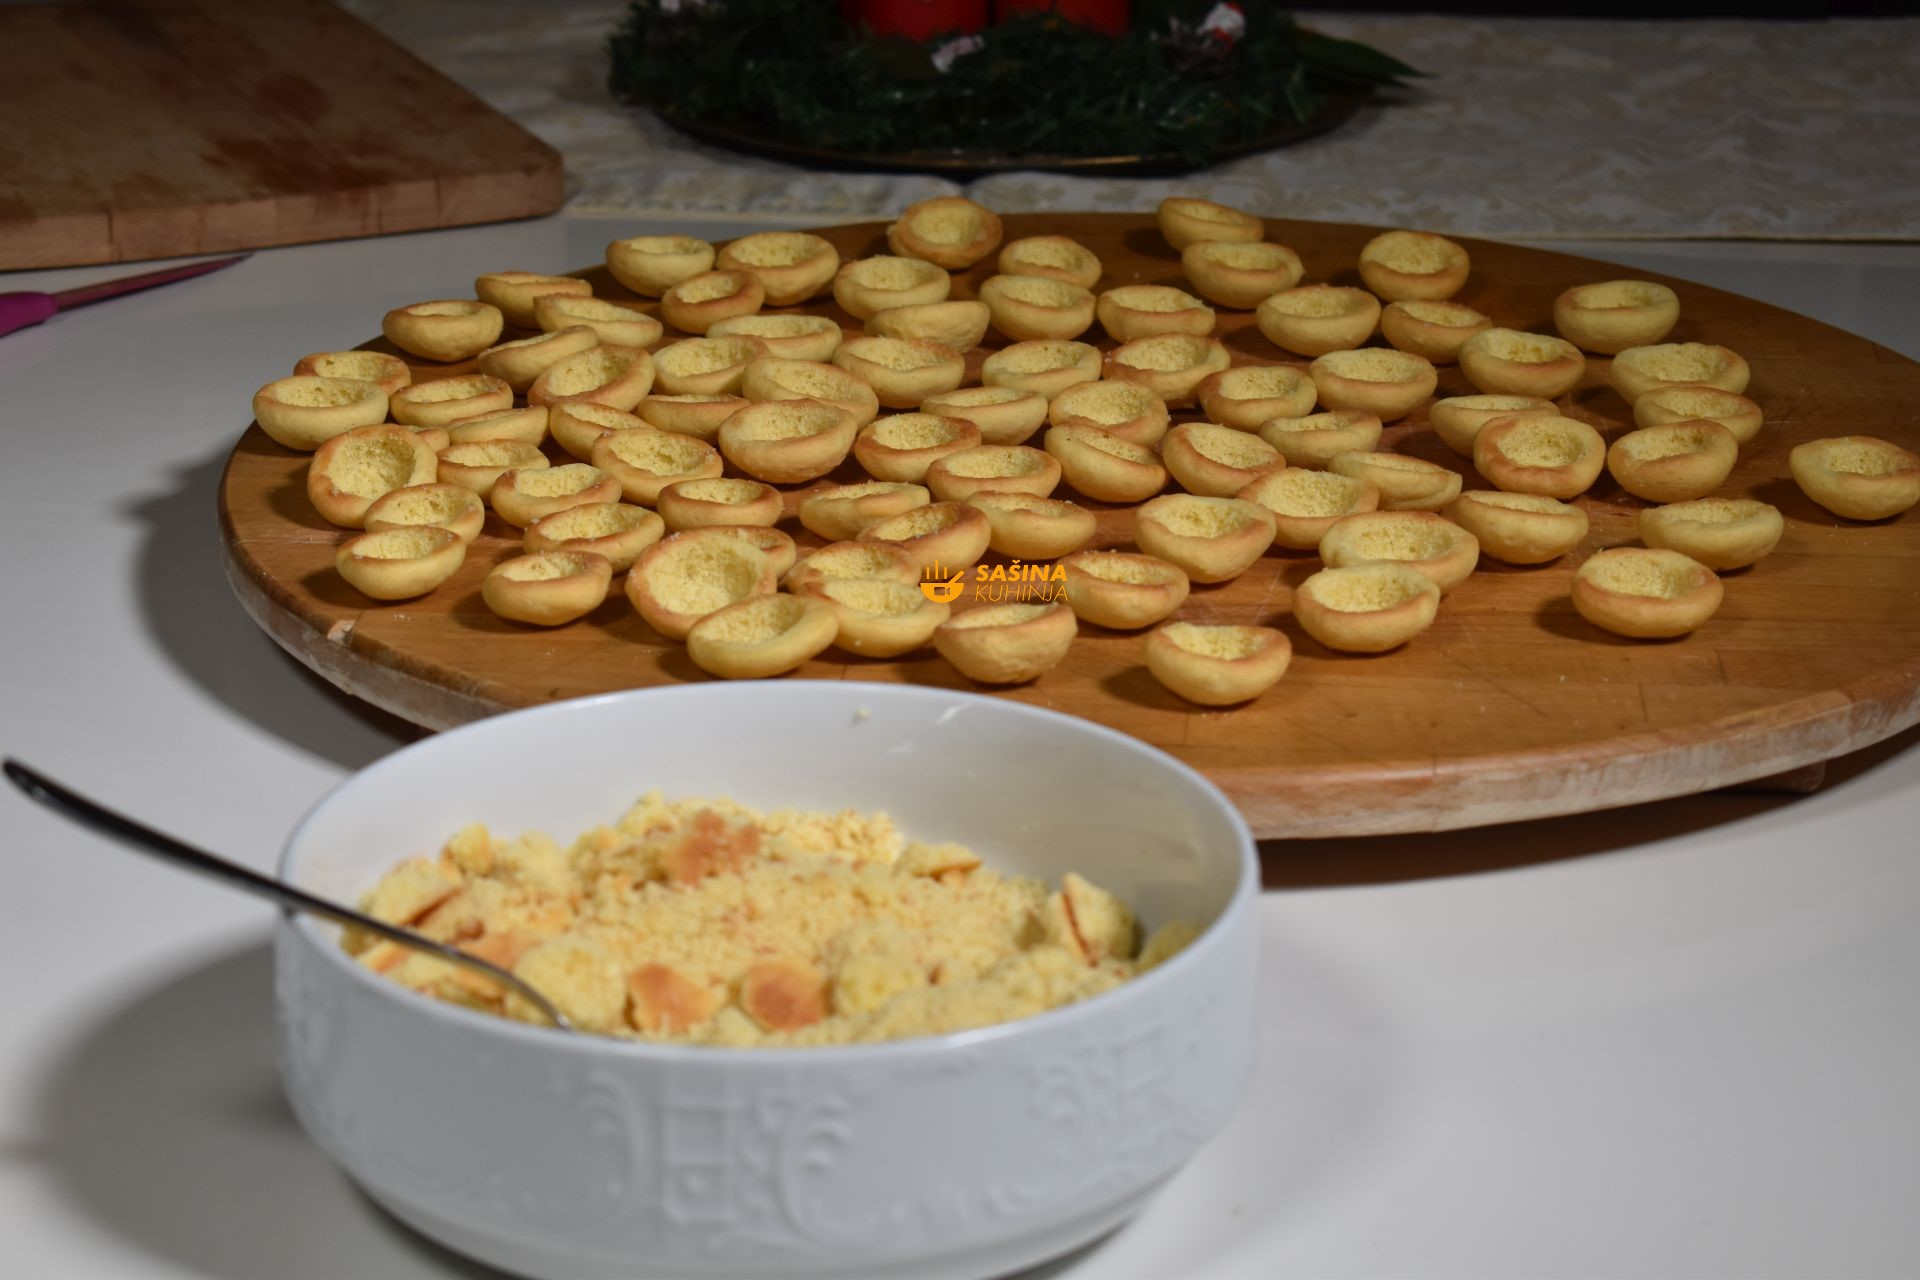 breskvice recept sašina kuhinja